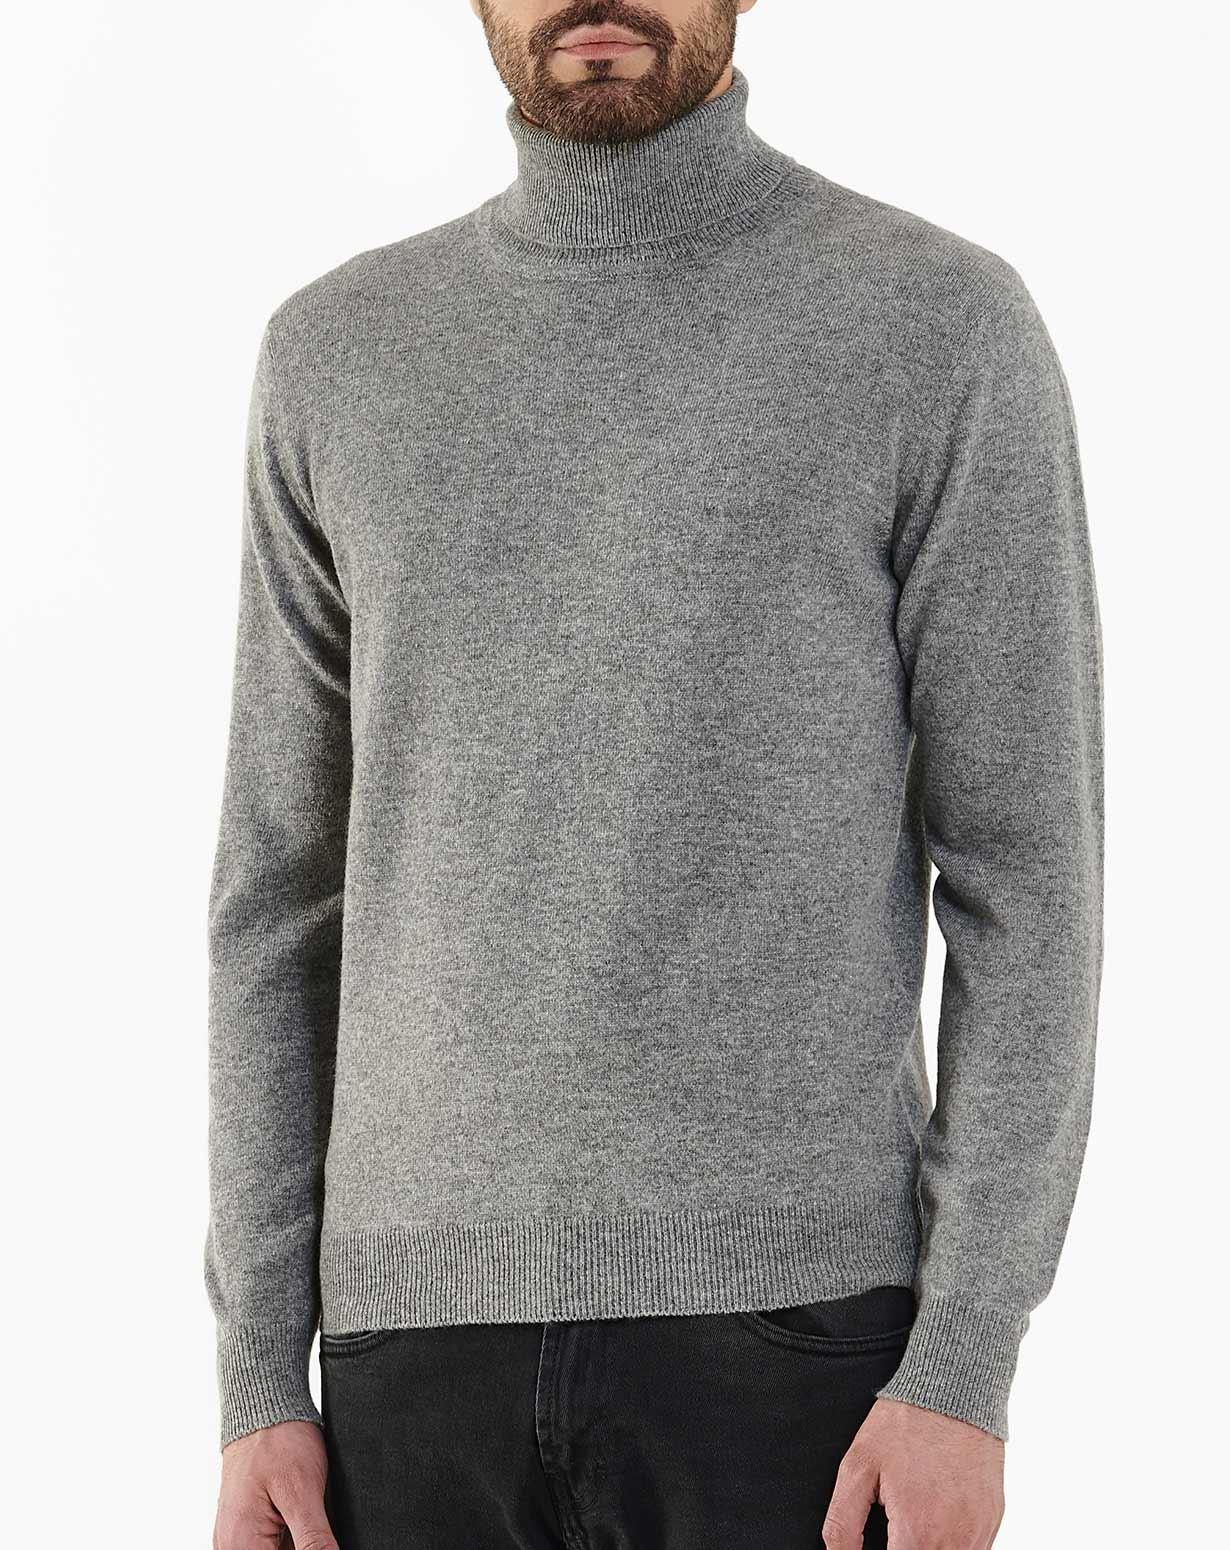 Men\u2019s Pure Cashmere Turtleneck Sweater